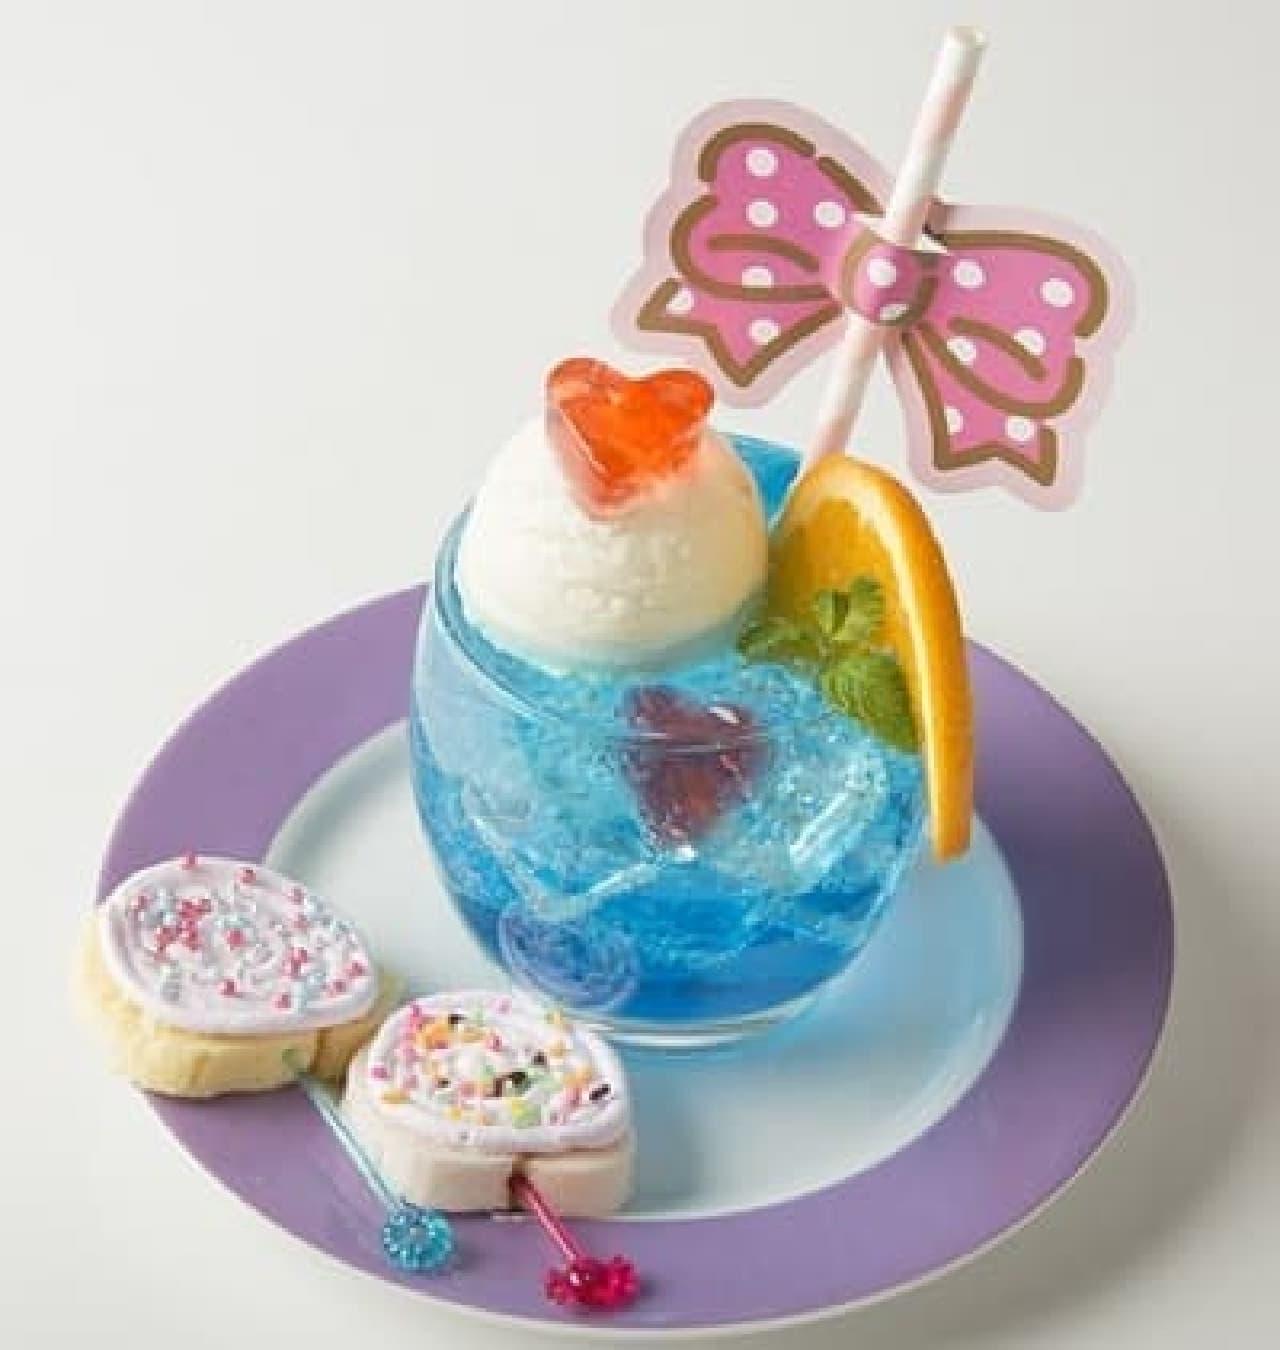 サンリオ キャラクターズ ラブリーカフェ「フレッシュパンチなゼリーinクリームソーダ」